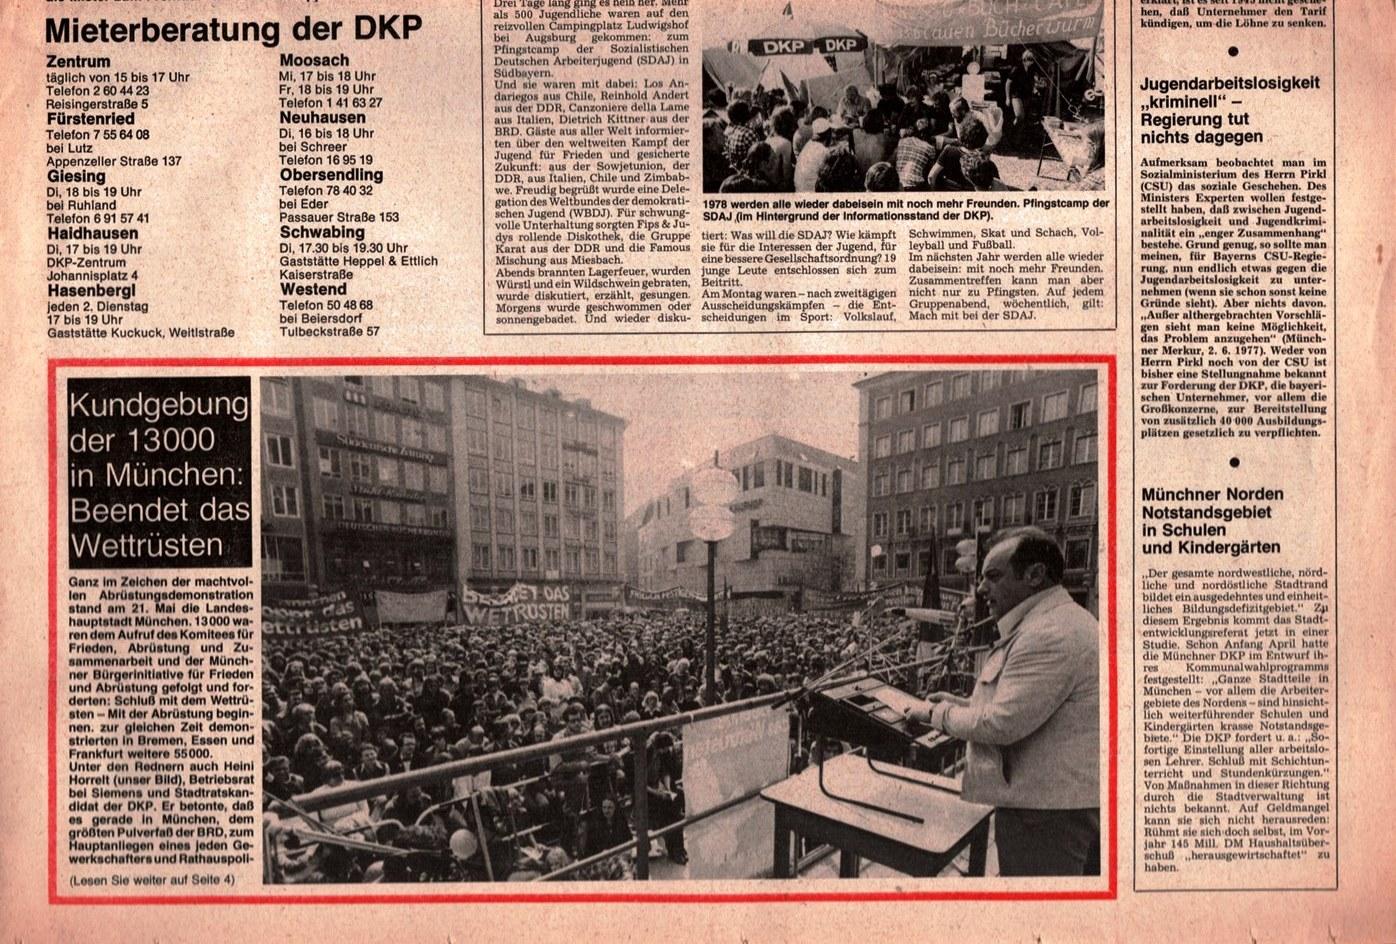 Muenchen_DKP_Neues_Muenchen_19770600_006_002